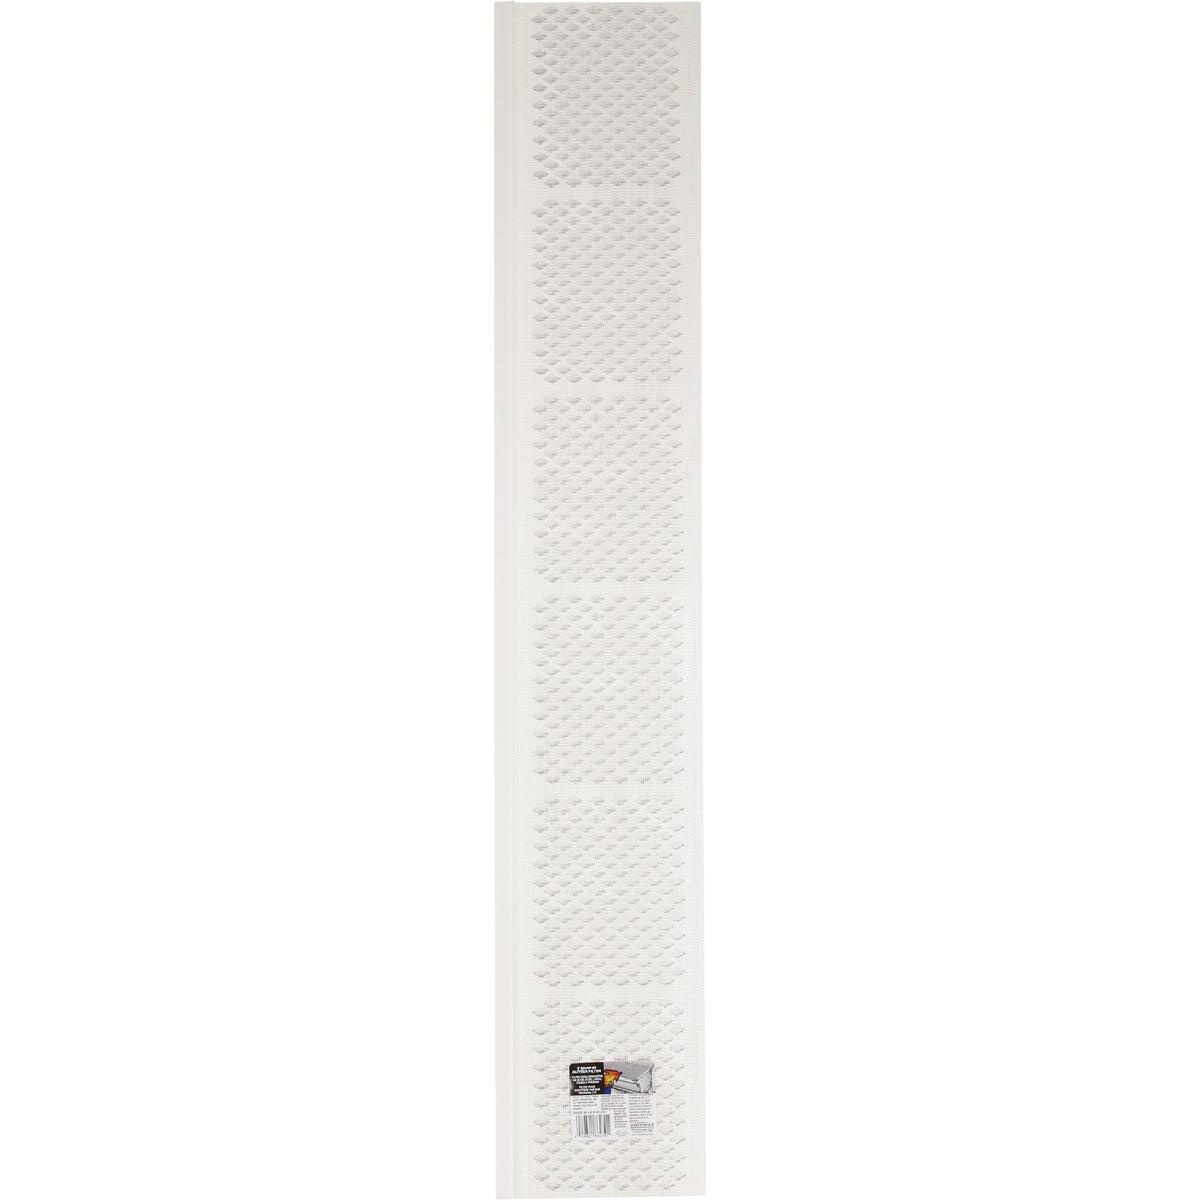 3' WH VYL GUTR GRD W/FLT - 86370 by Amerimax Home Prod